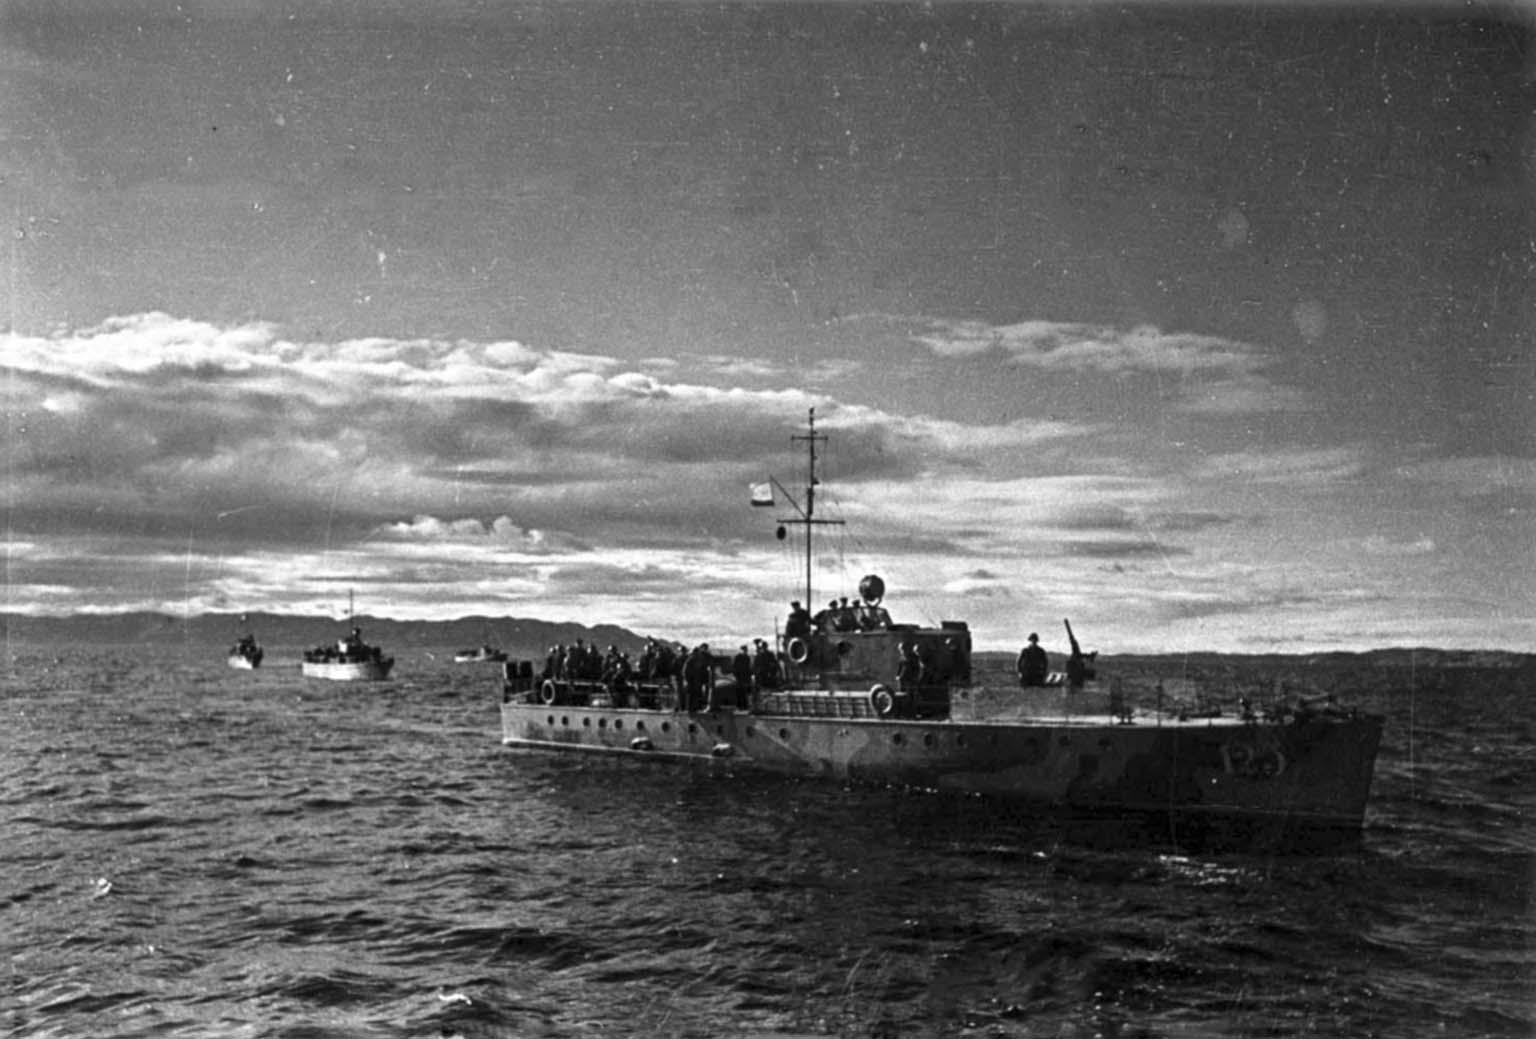 MO-4 boats